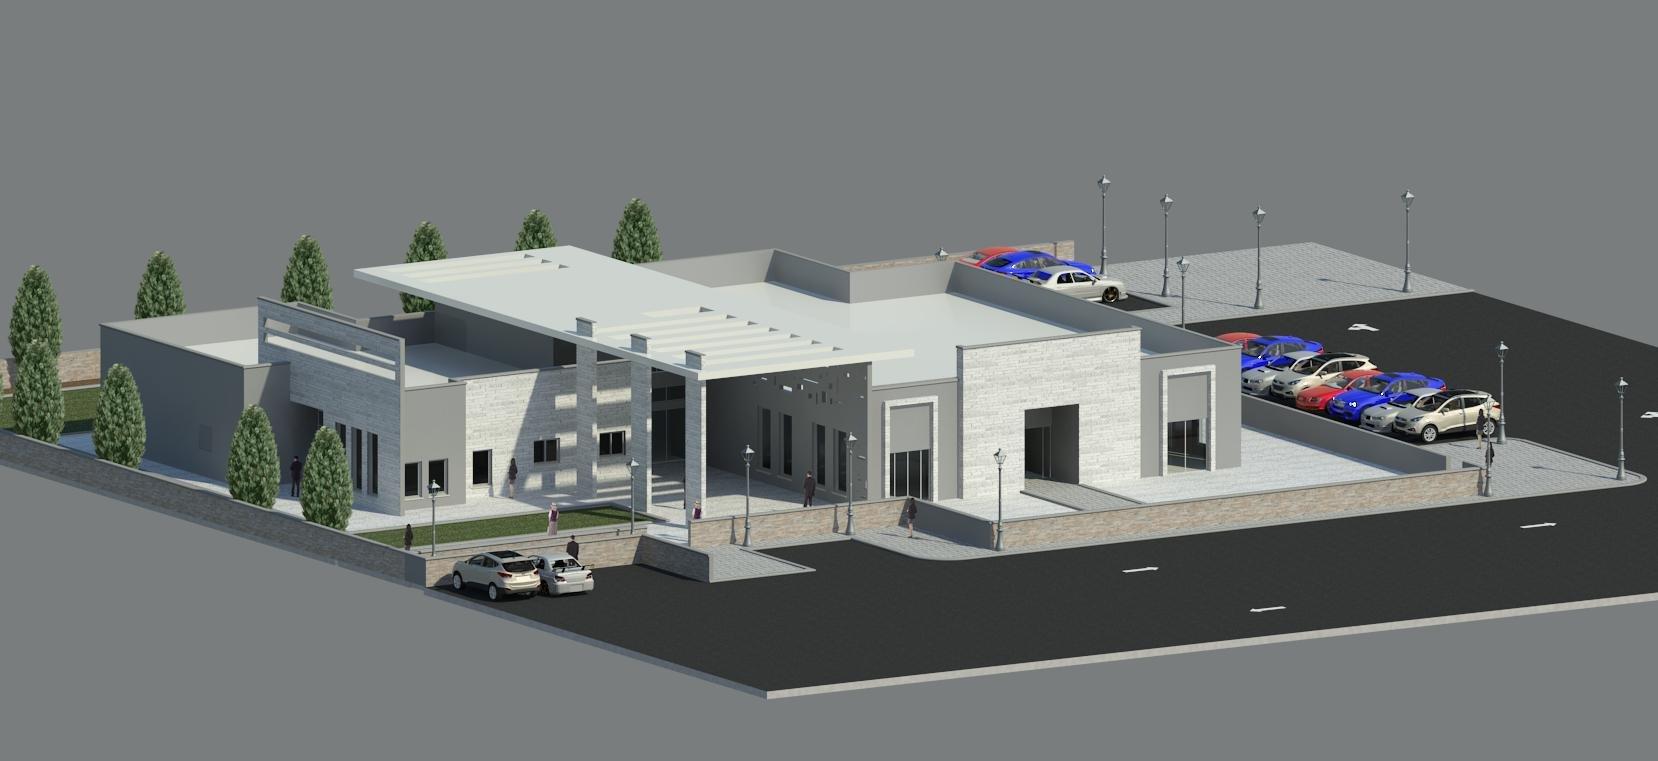 مجلس كفرمندا: حصلنا على مصادقة لبناء مركز اعادة تأهيل متطّور